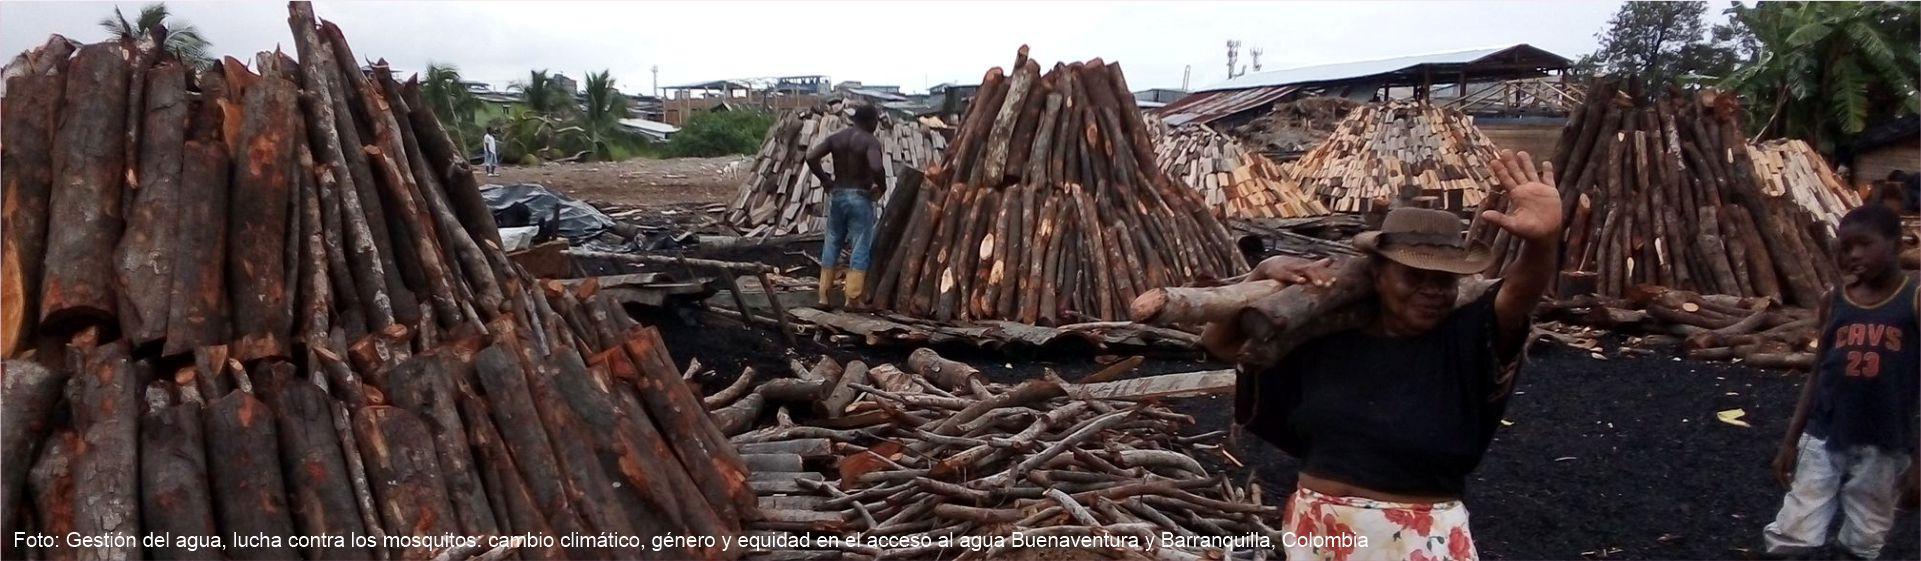 Agua, género y cambio climático: los casos de Barranquilla y Buenaventura- Cider | Uniandes